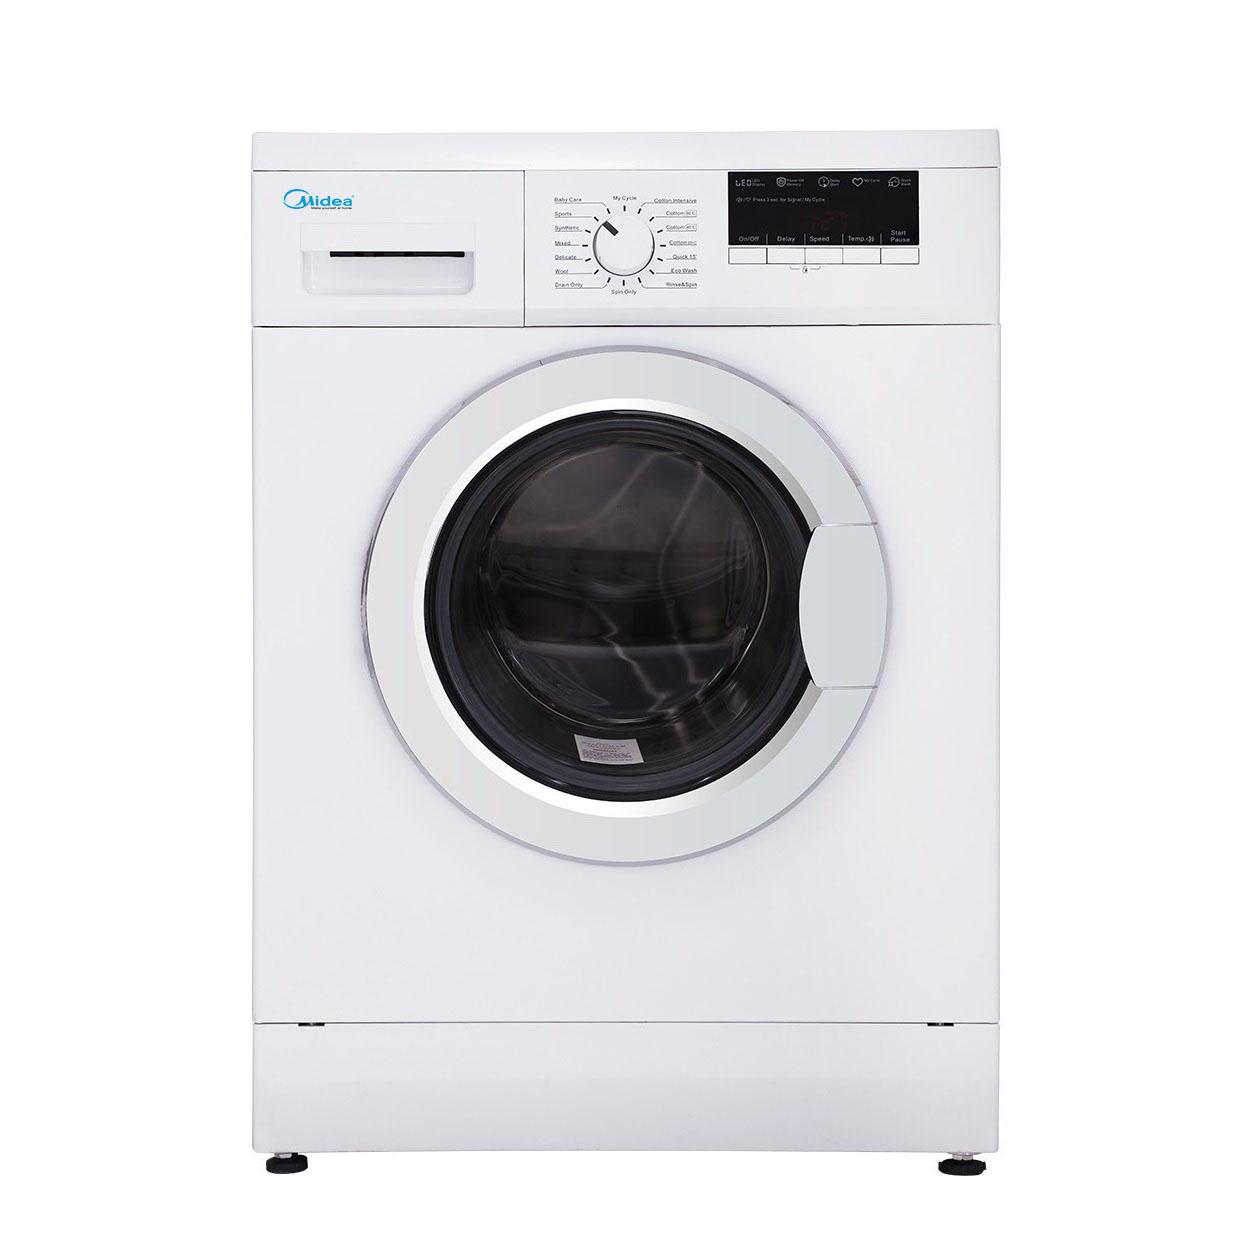 ماشین لباسشویی مایدیا مدل WU-34703 ظرفیت 7 کیلوگرم